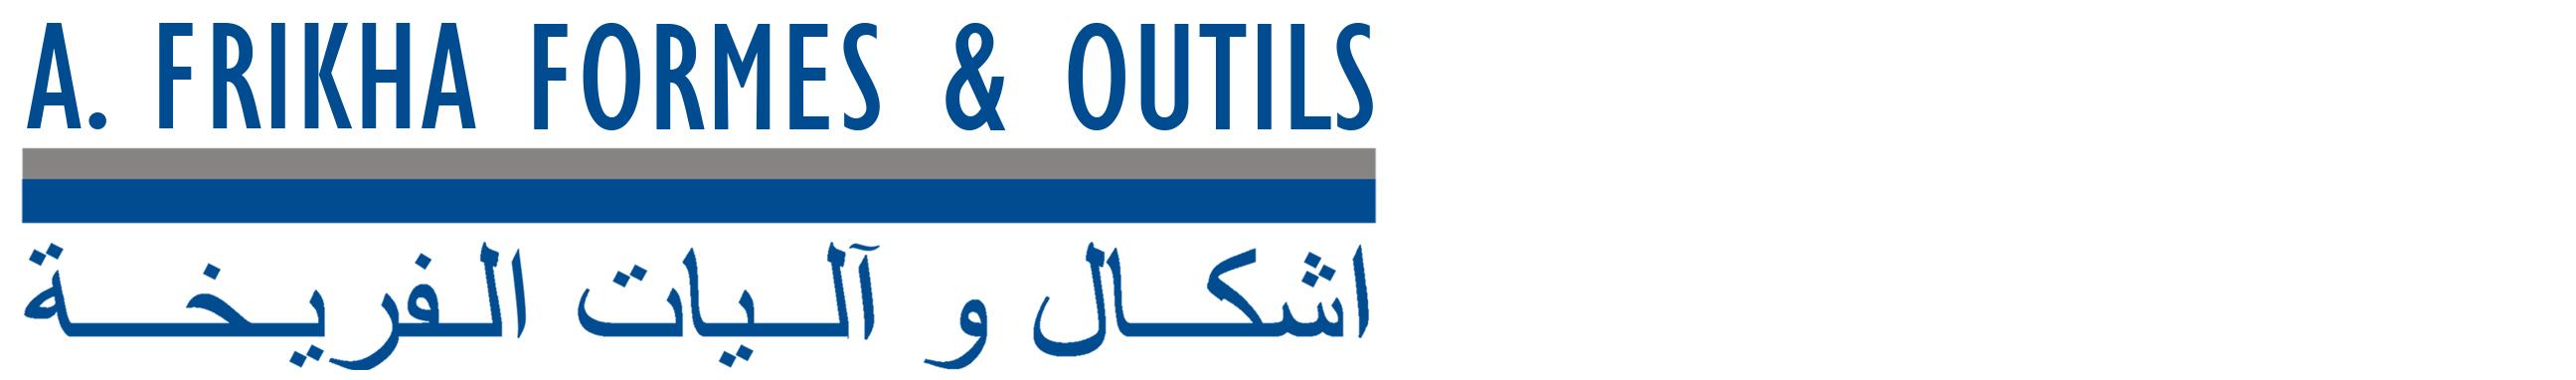 A2FO : A.Frikha Formes & Outils, Conception & fabrication de moules pour l'injection plastique et l'extrusion soufflage en Tunisie